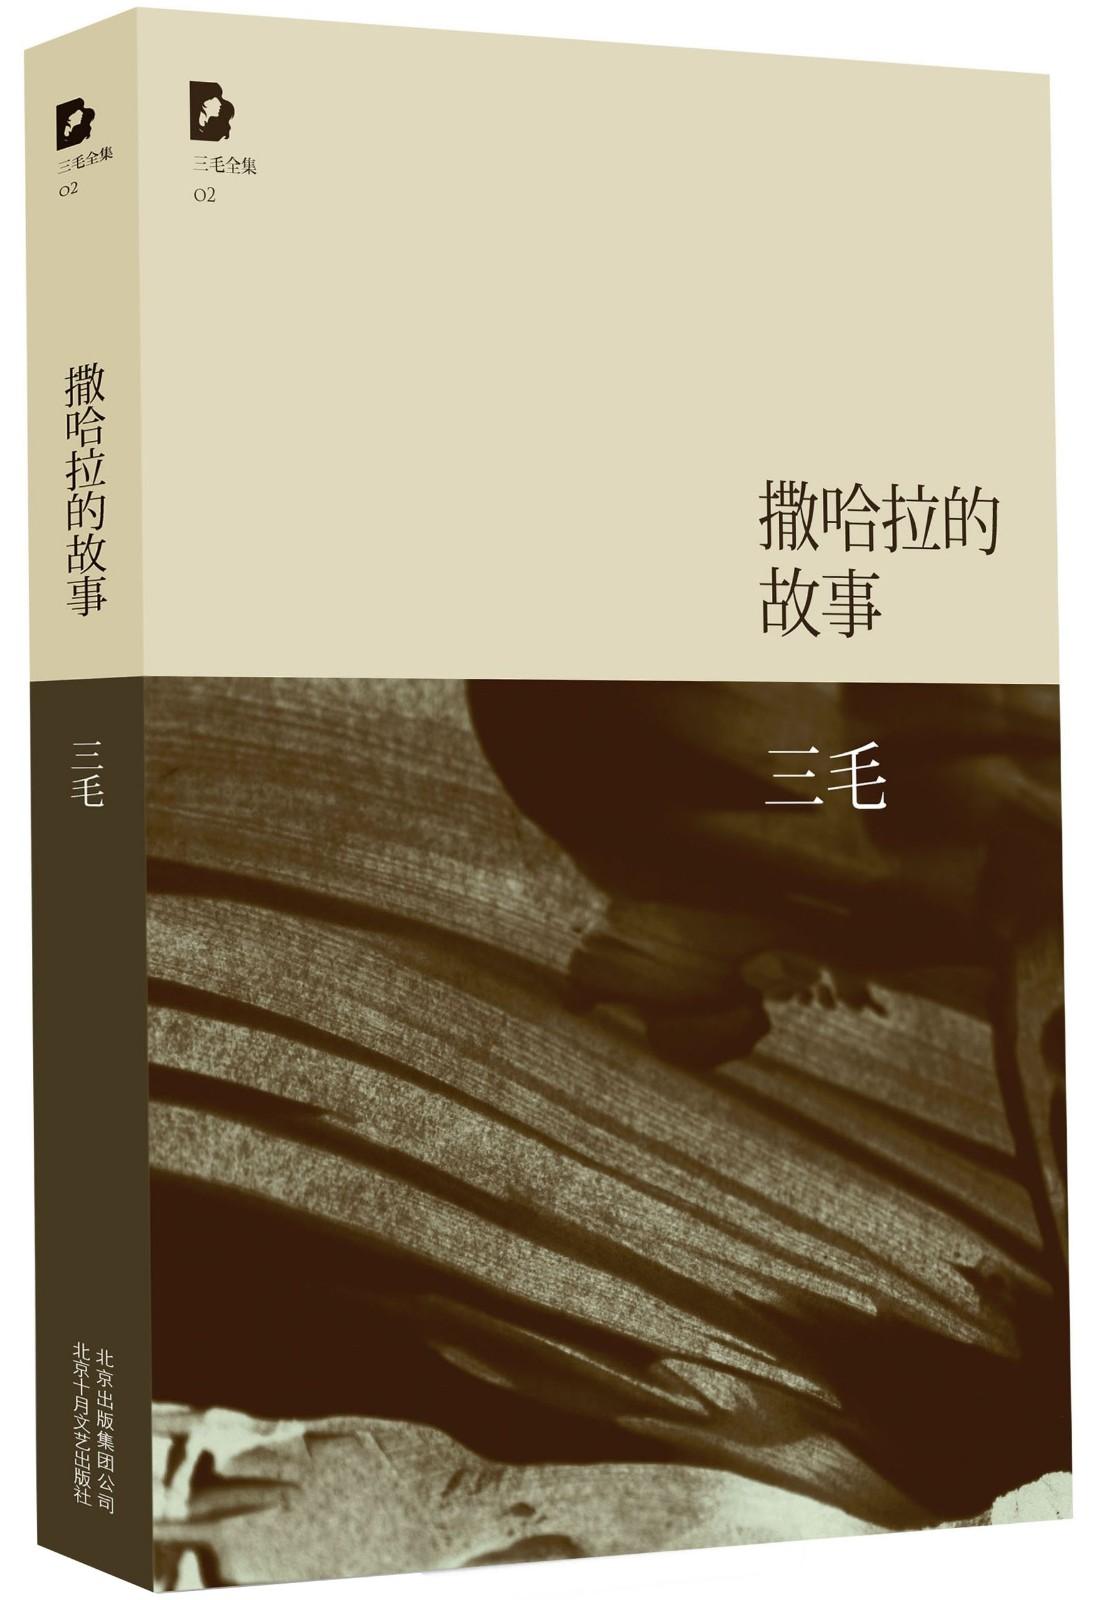 《三毛全集:撒哈拉的故事-6寸版》.pdf -max上传文档投稿赚钱...